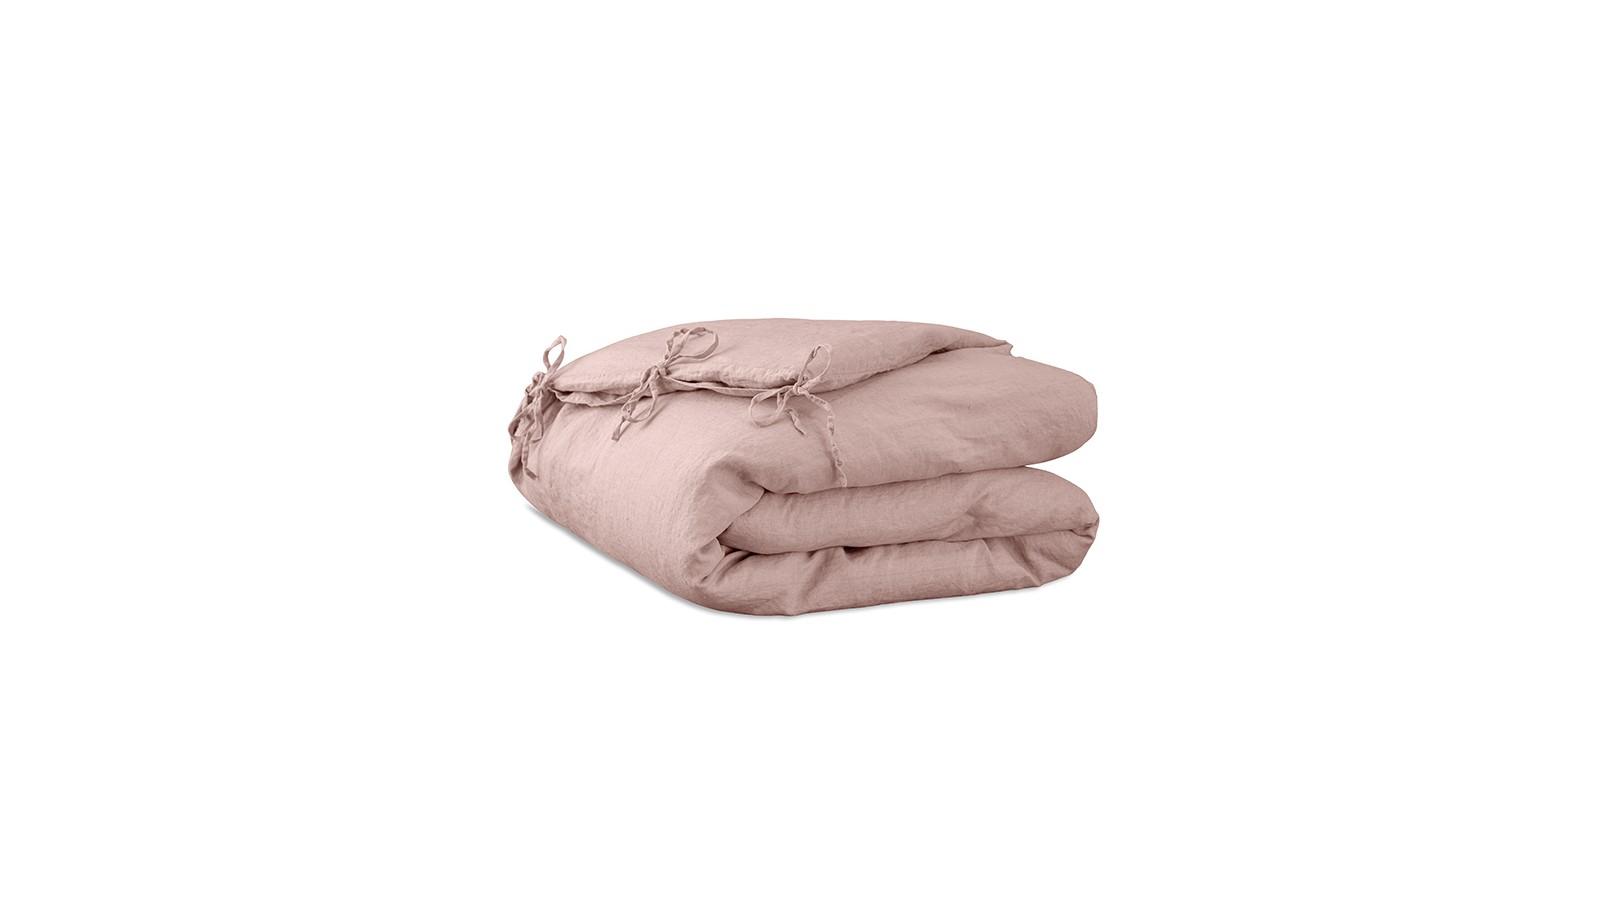 Housse d'édredon 110 x 160 cm en lin lavé uni Rose Rétro